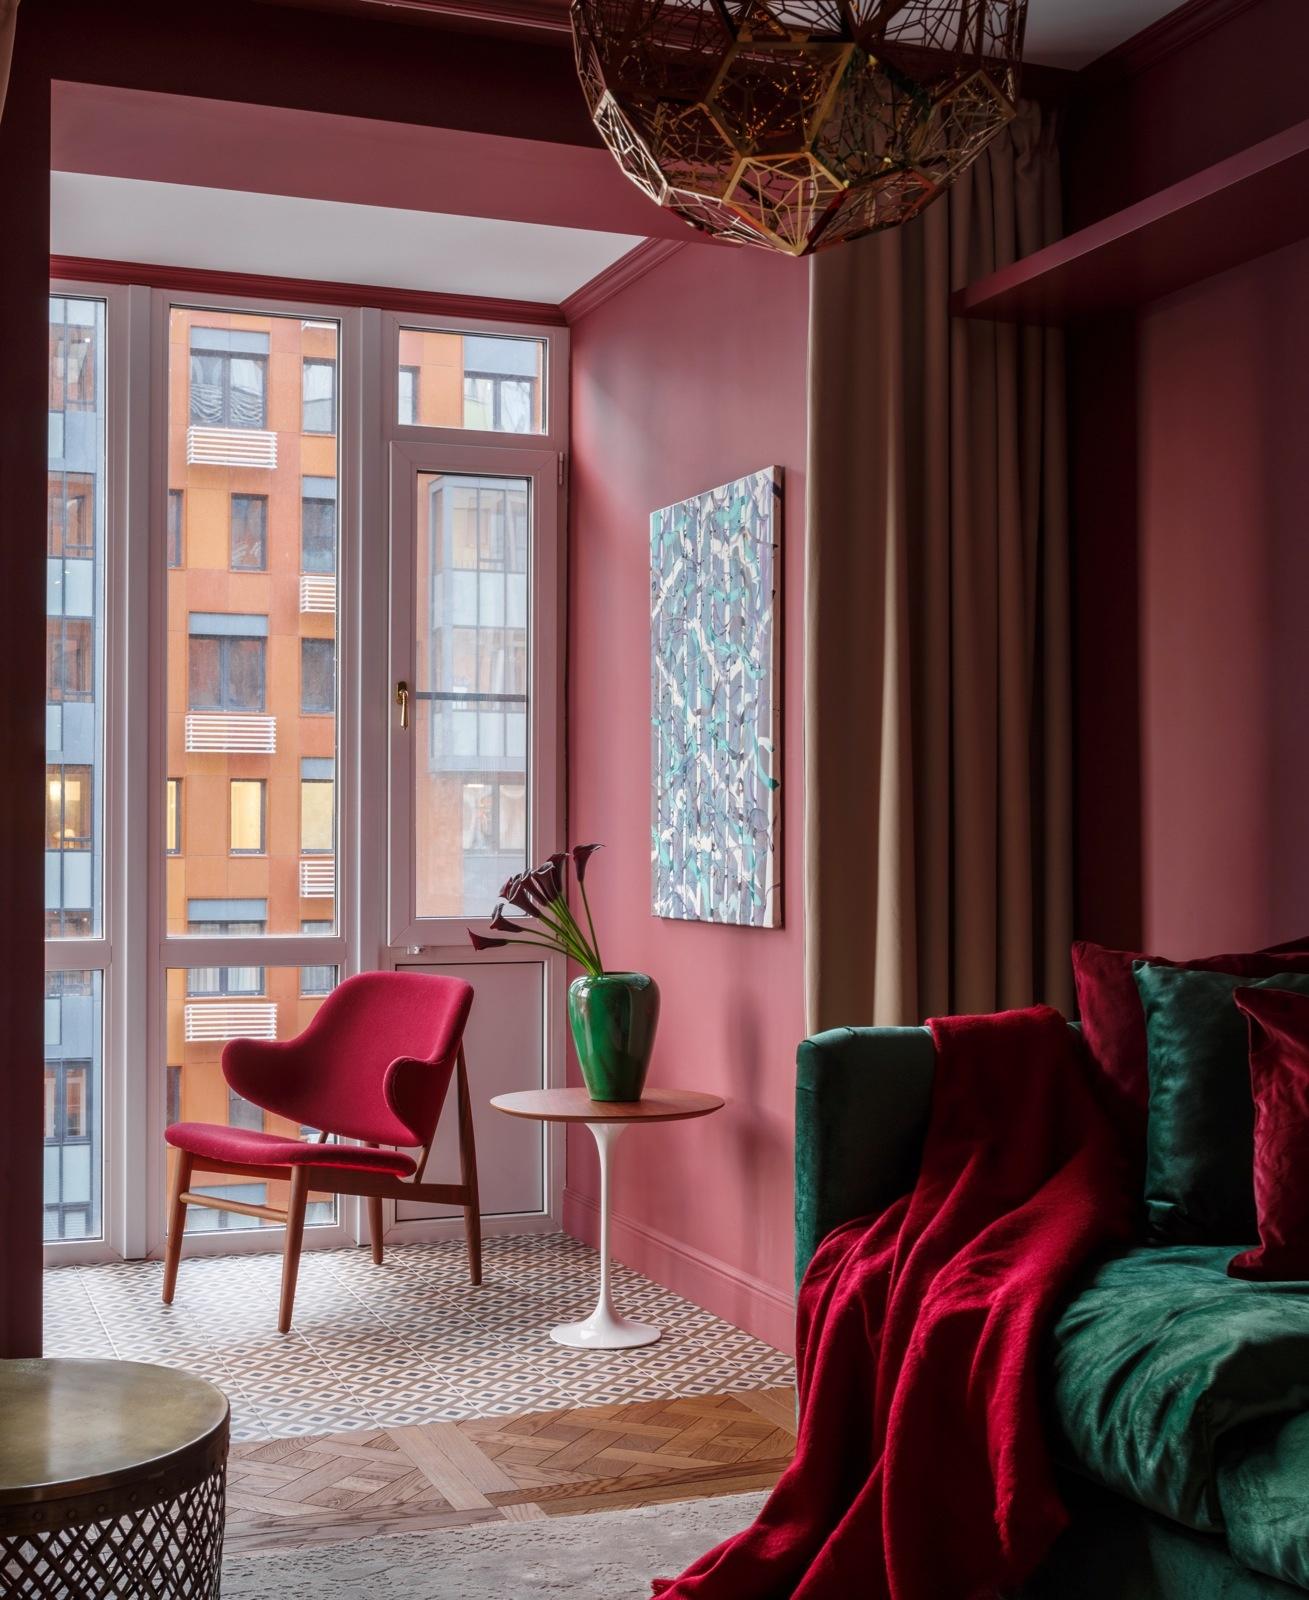 15 лоджий и балконов для вдохновения (галерея 0, фото 2)